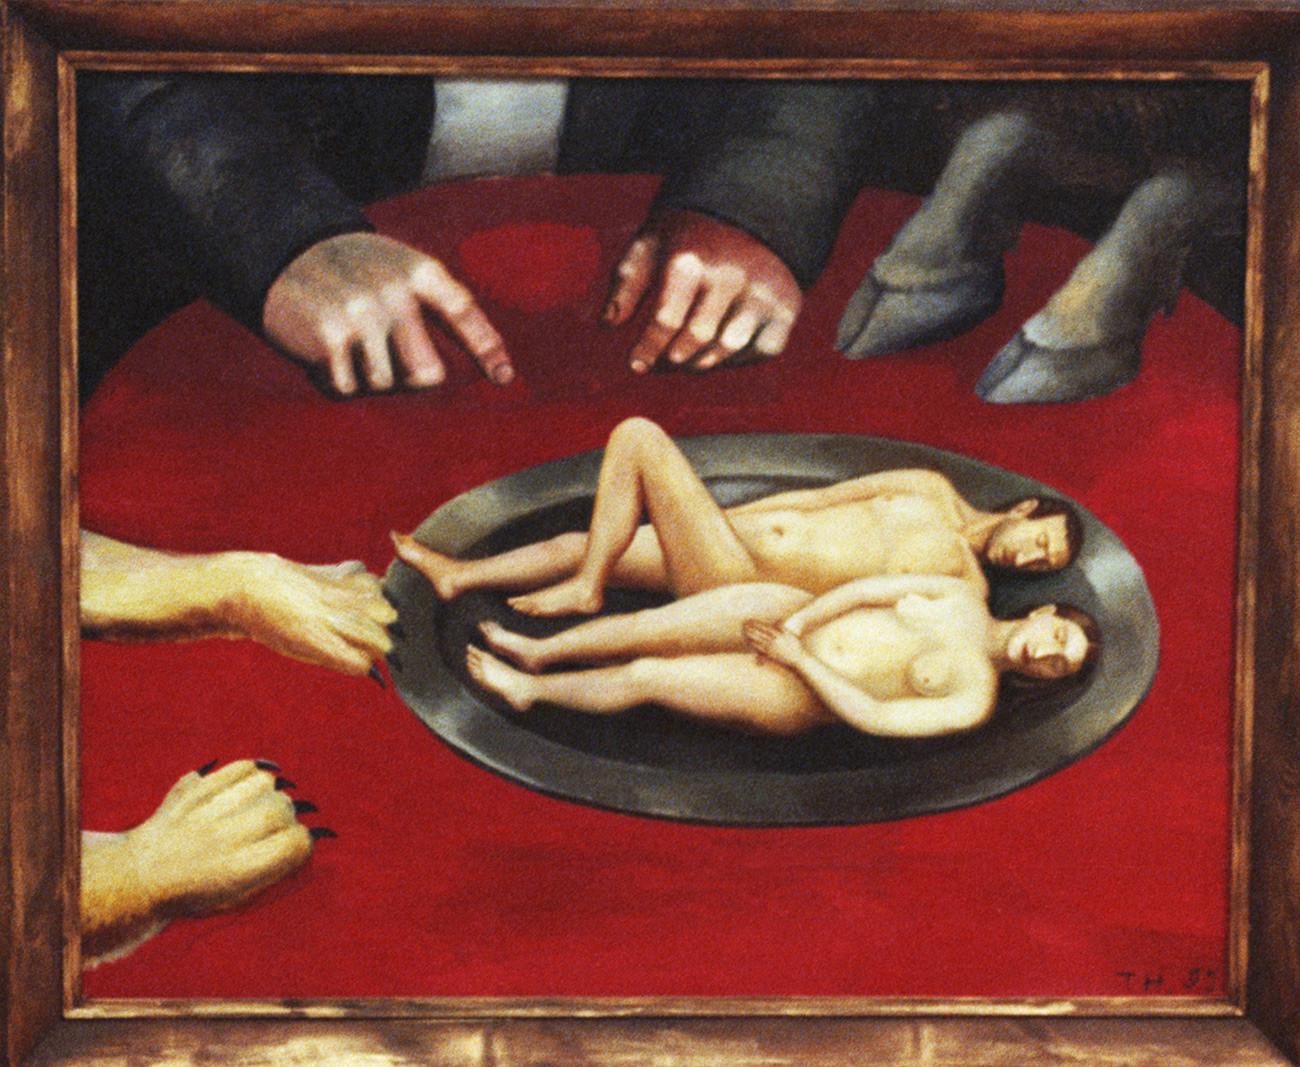 Αποτέλεσμα εικόνας για art collage erotica russian